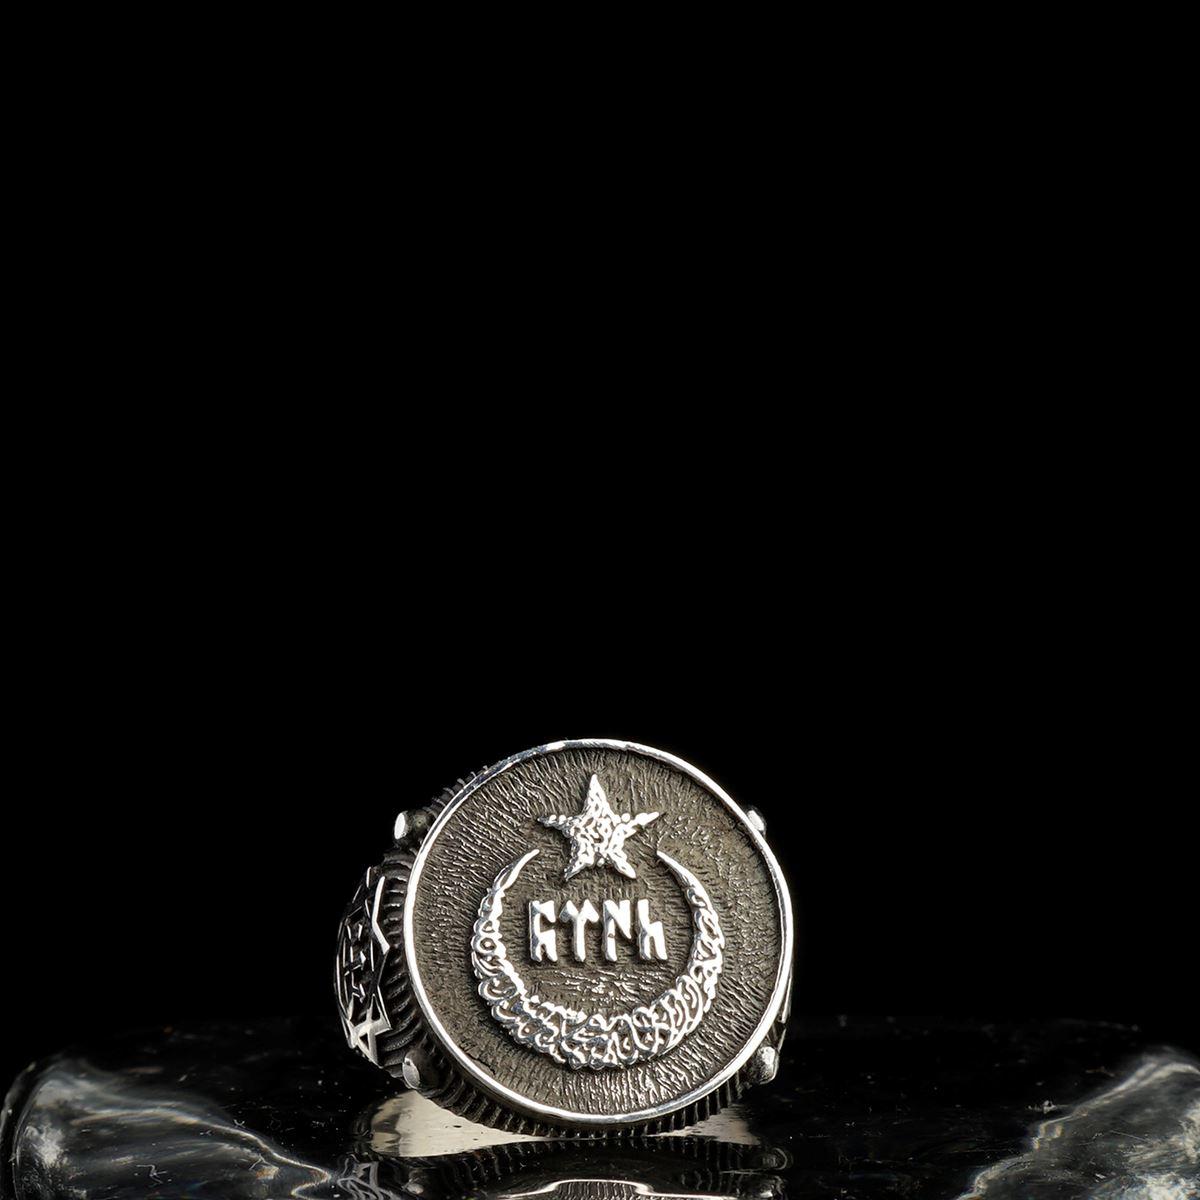 """ÖZEL TASARIM ESKİ TÜRKÇE """"TÜRK"""" YAZILI AY YILDIZ FİGÜRLÜ 925 AYAR GÜMÜŞ İŞLEMELİ YÜZÜK"""